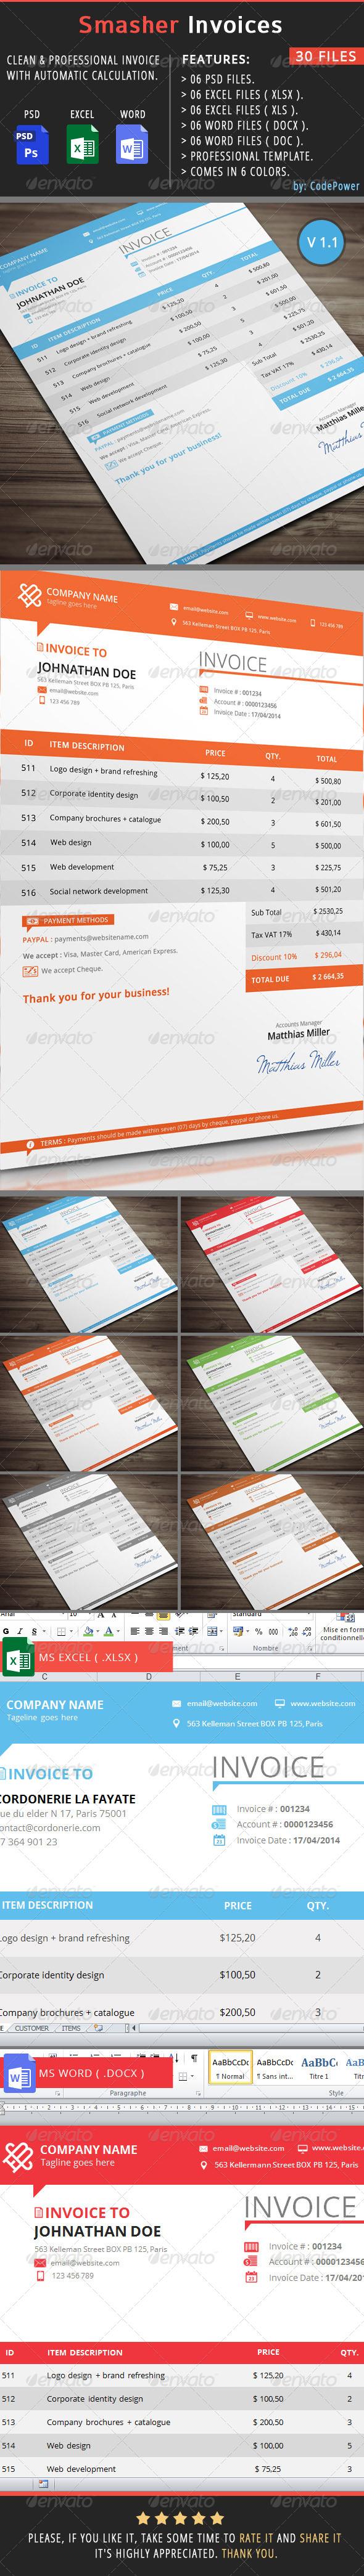 GraphicRiver Smasher Invoices 7531085